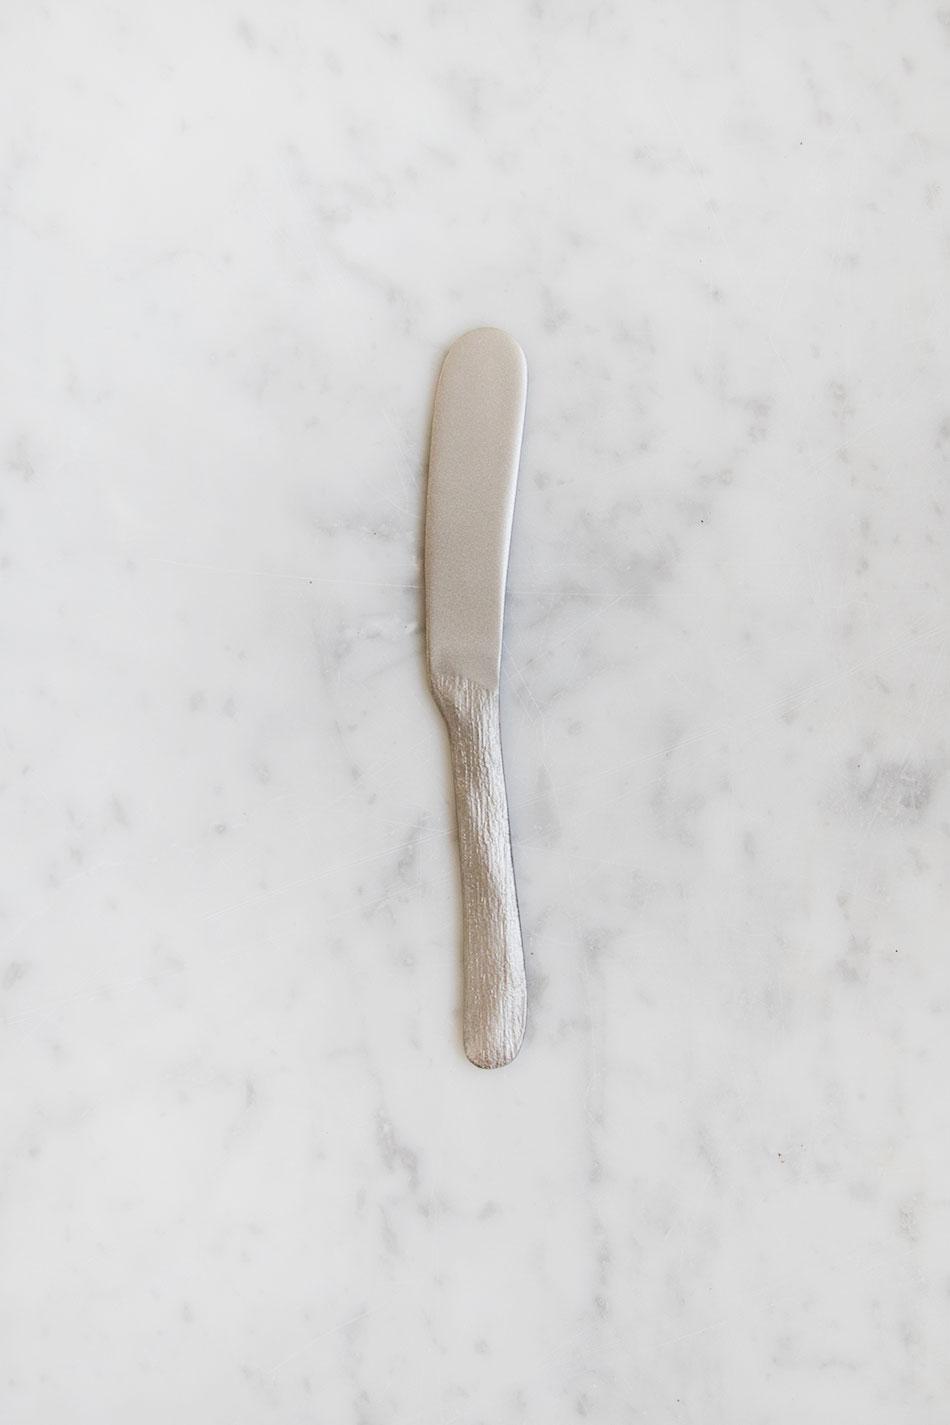 Butter Knife Roos Van De Velde